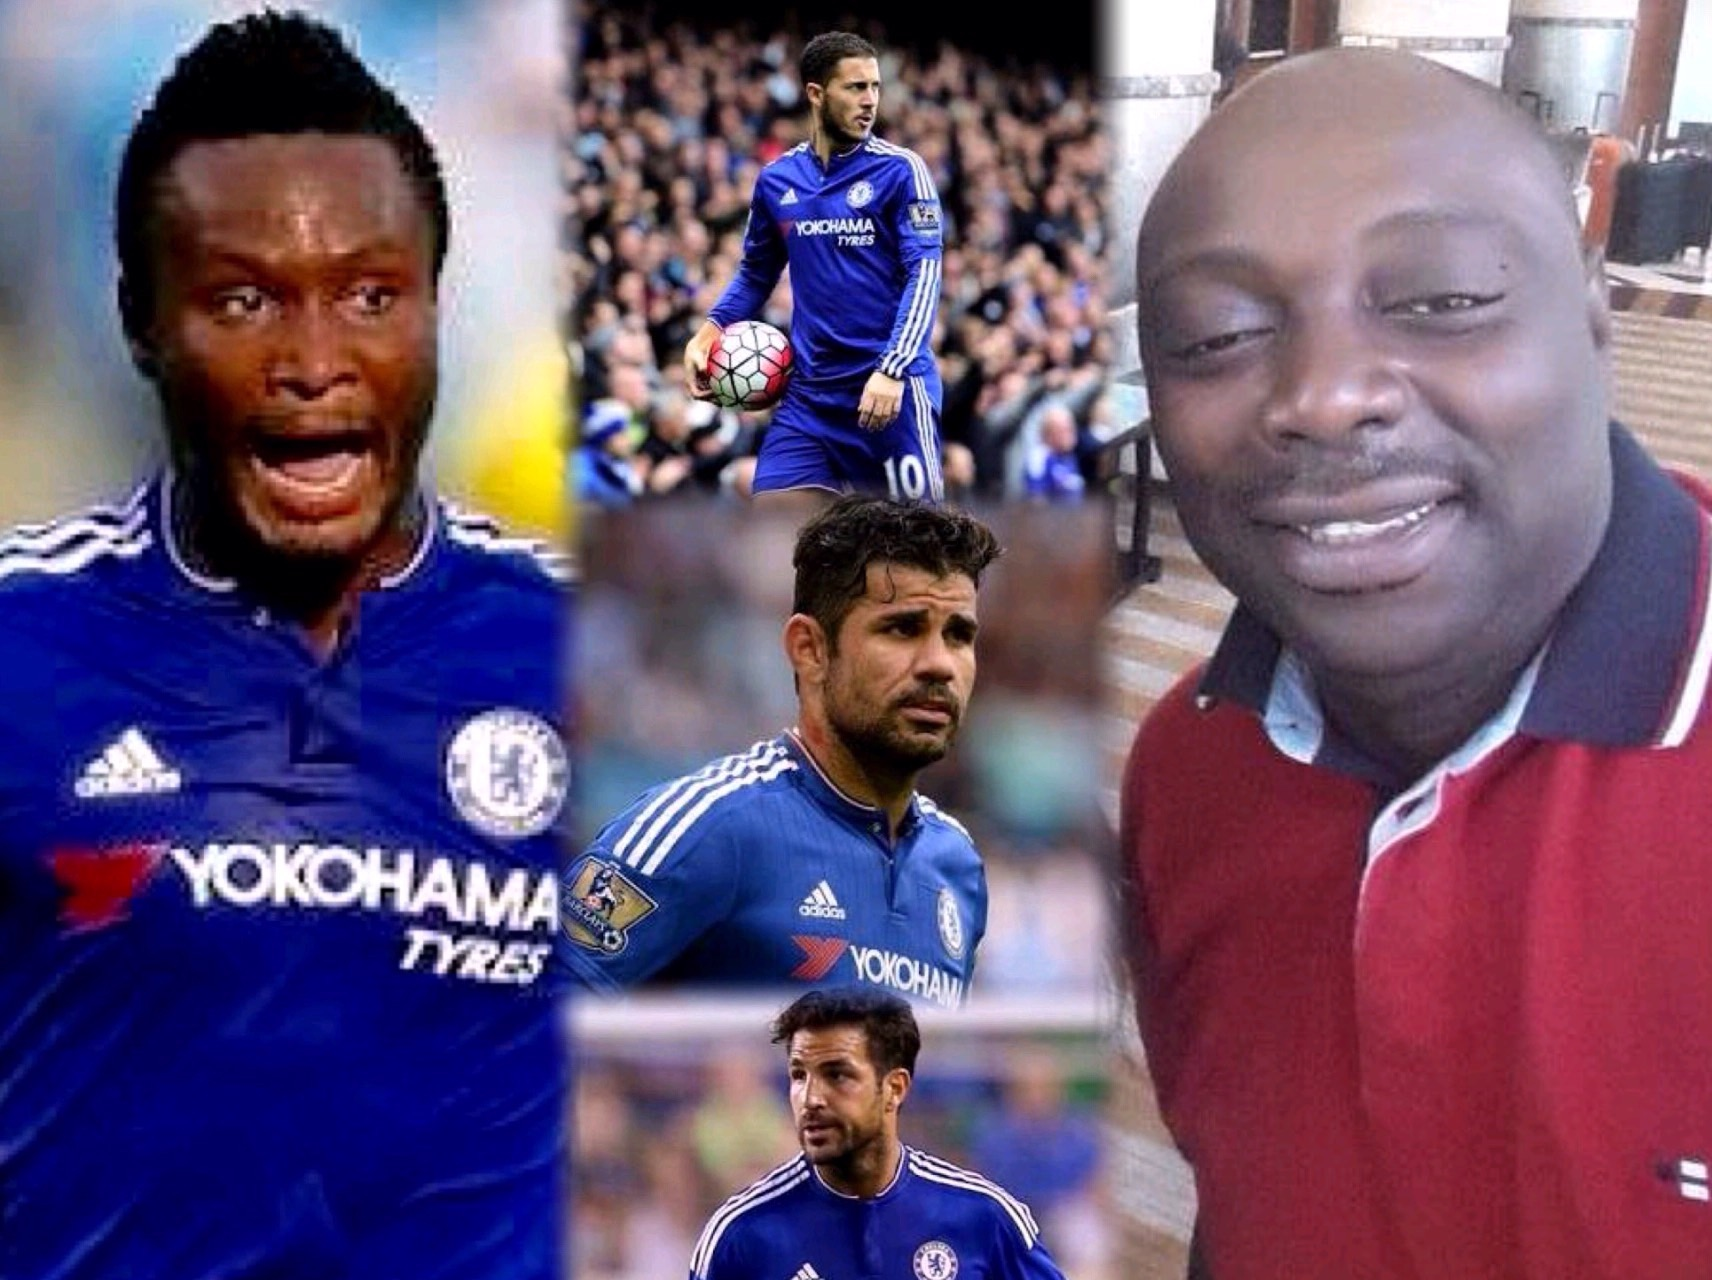 Segun Arinze Thumbs Up Mikel; Backs Hazard, Costa, Fabregas For Chelsea Stay